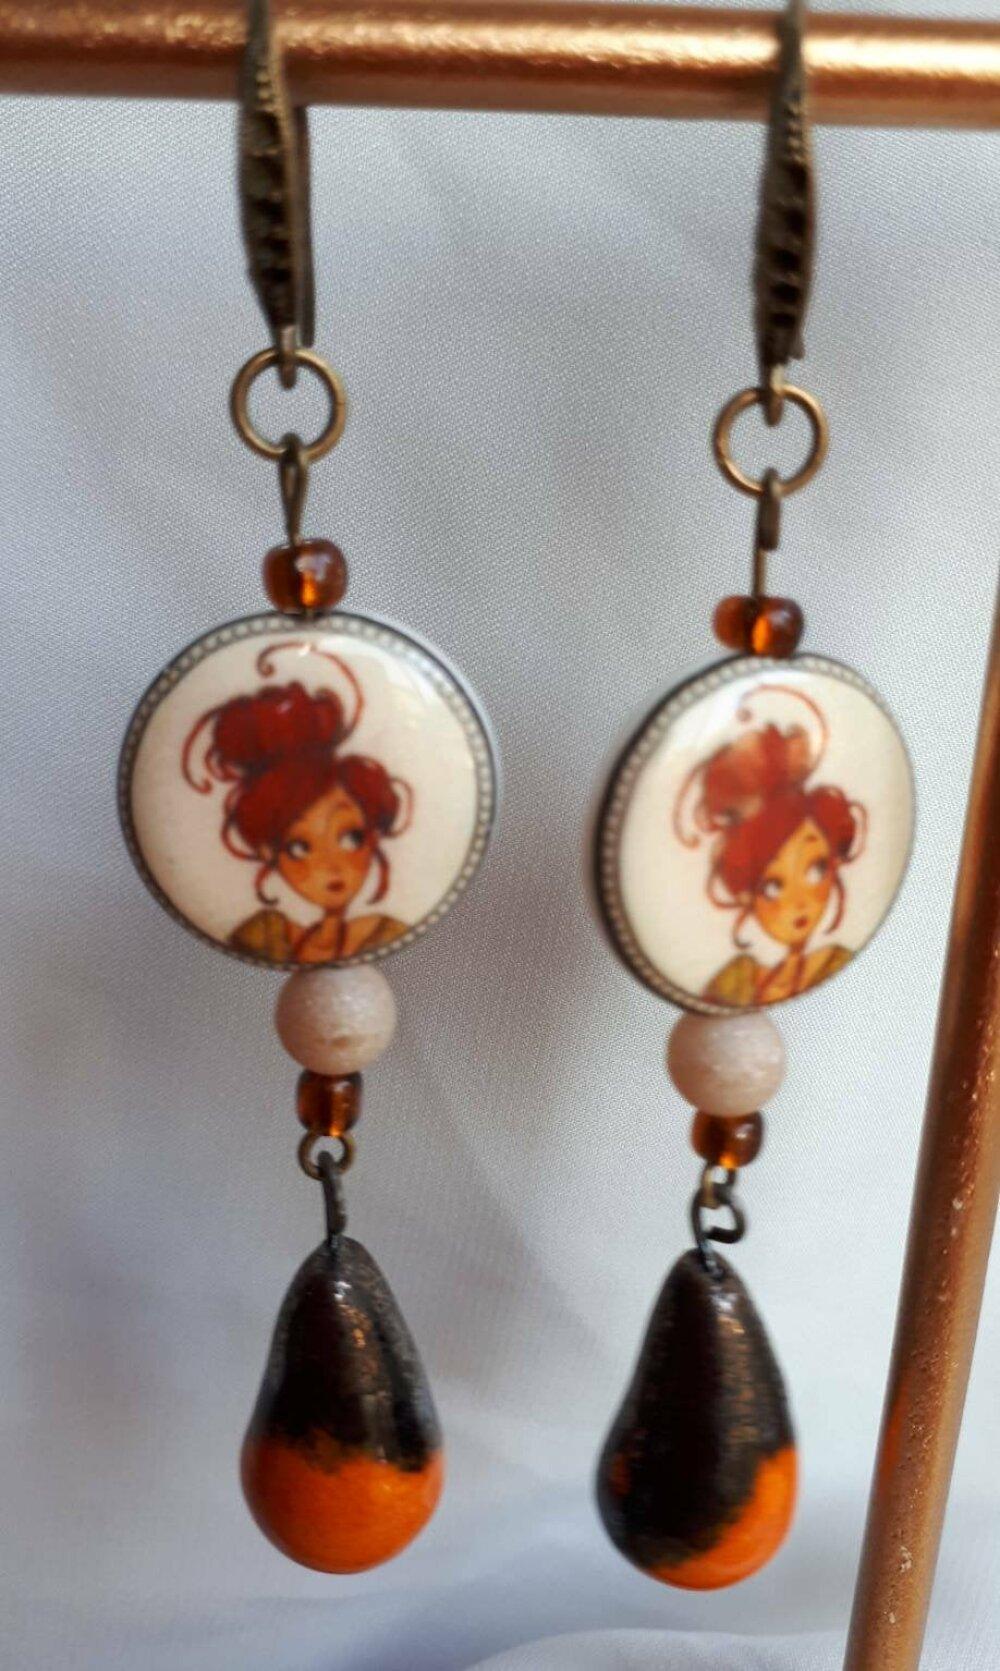 Boucles d'oreilles pendantes fantaisie perles porcelaine blanc orange breloque artisanale céramique orange noir